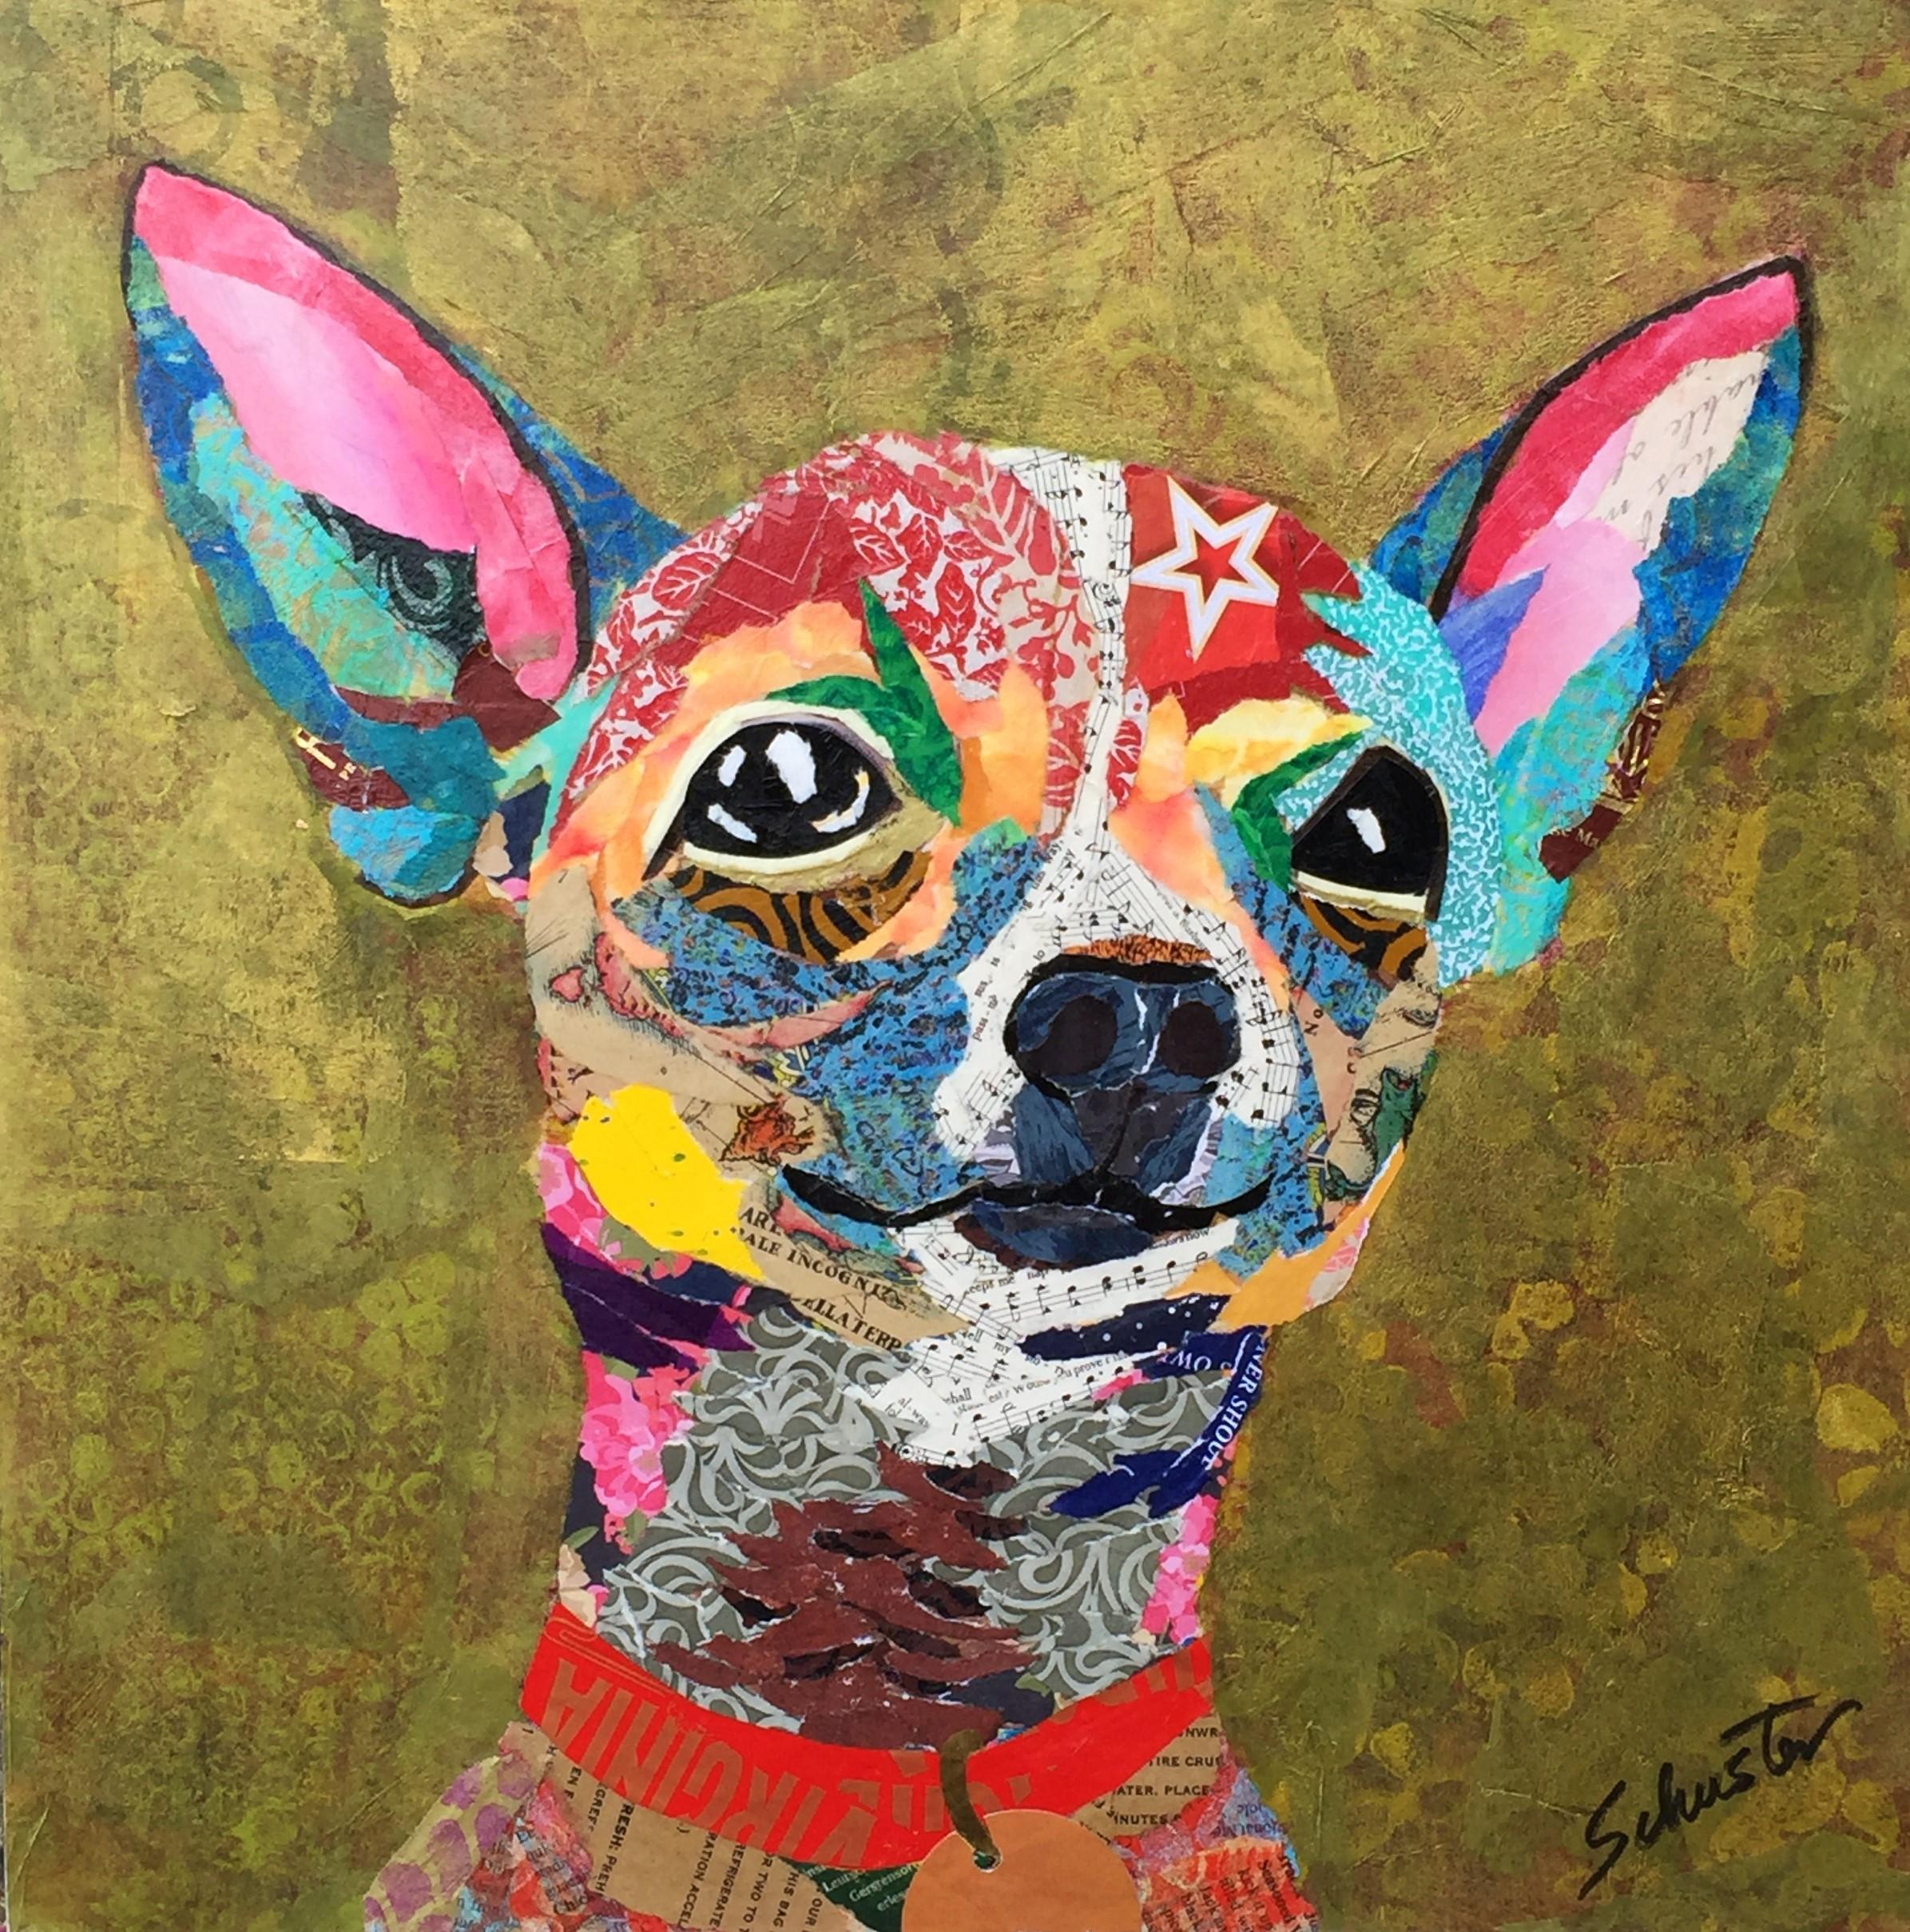 Ay Chihuahua!   $175